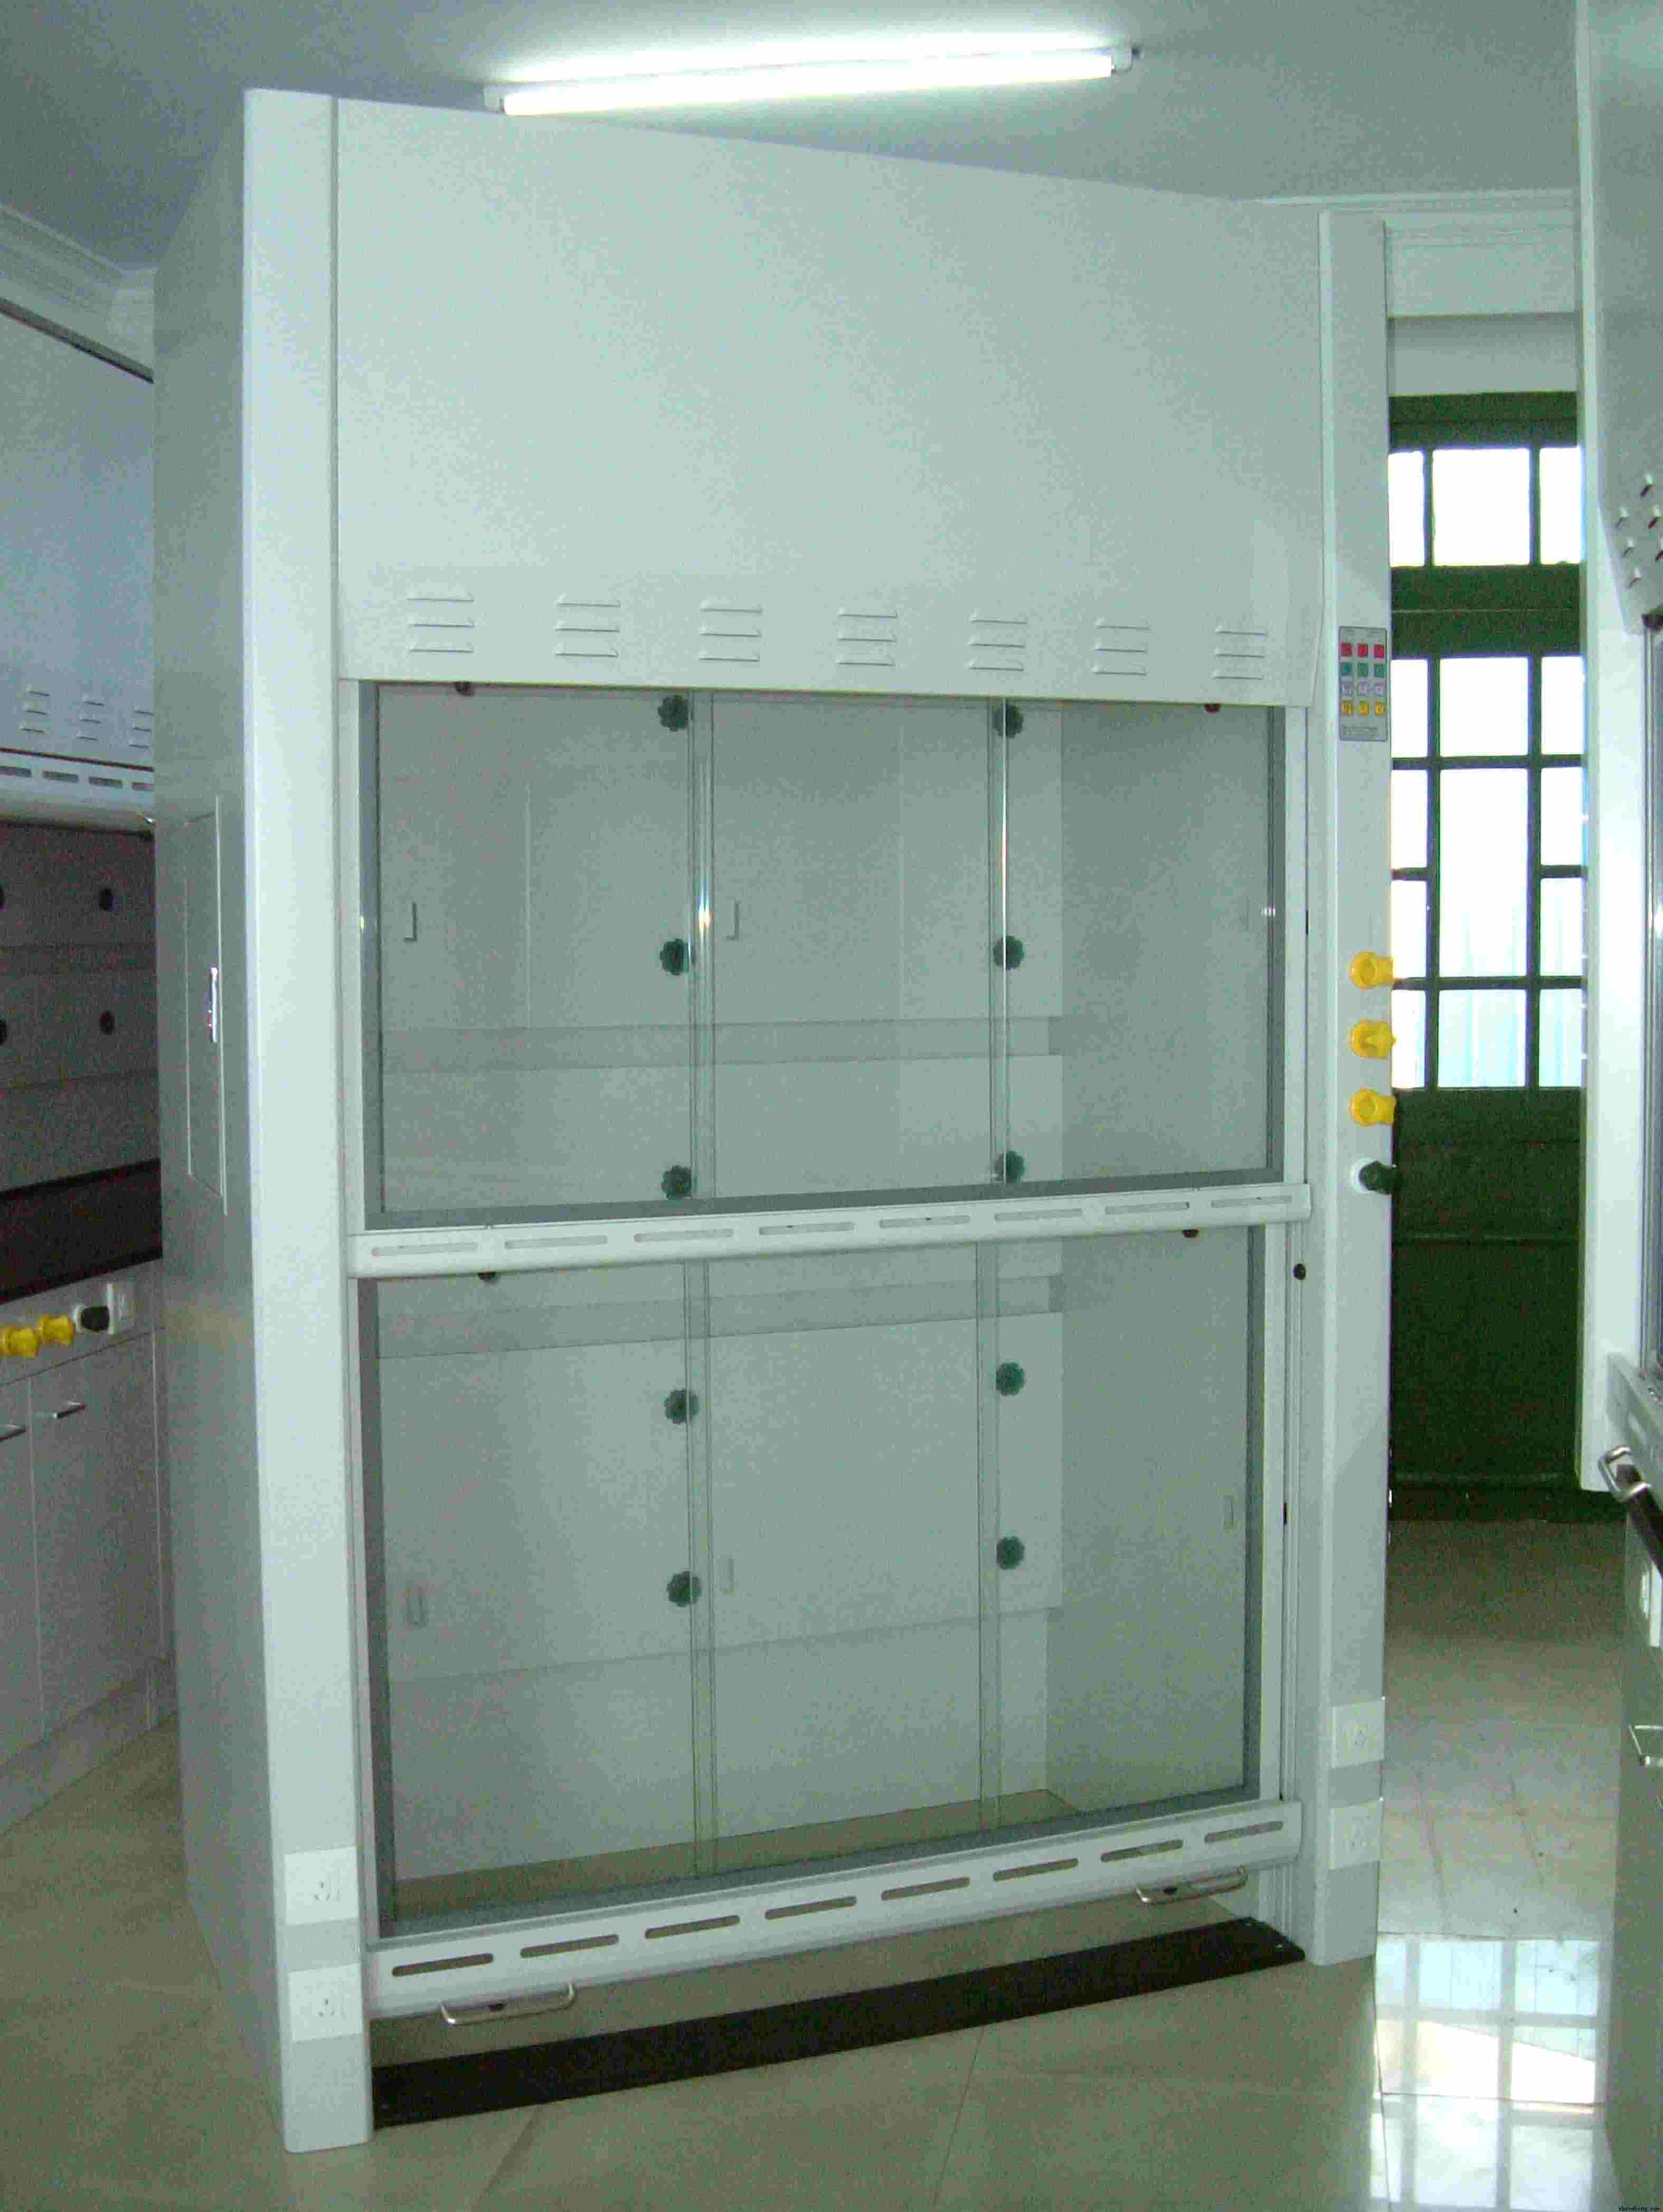 汉望实验室设备有限公司主营实验室系统工程联系电话